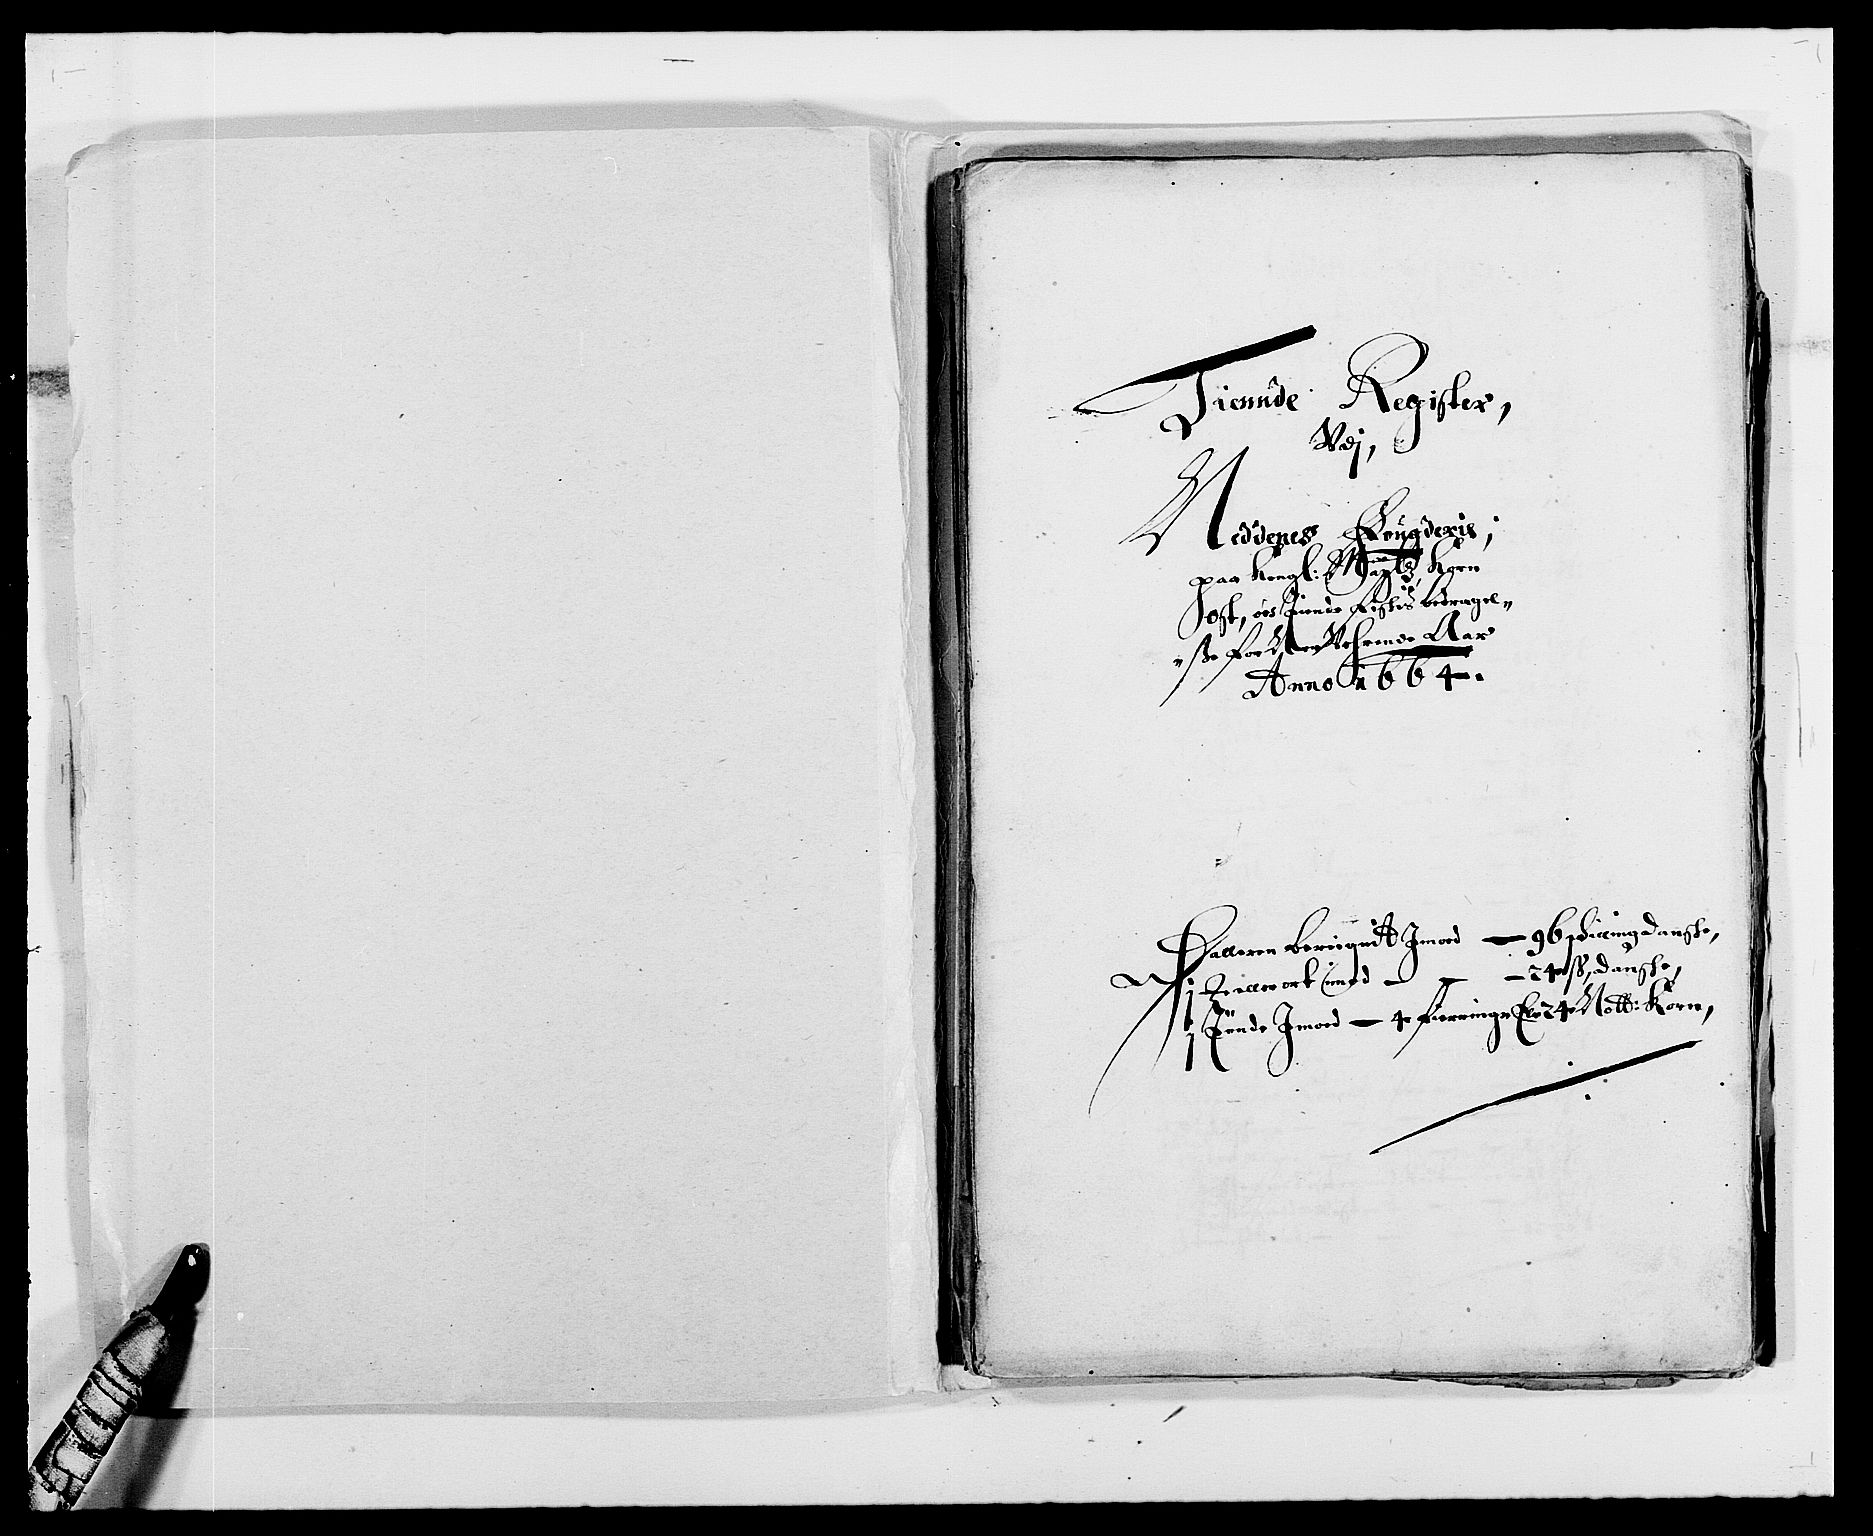 RA, Rentekammeret inntil 1814, Reviderte regnskaper, Fogderegnskap, R39/L2296: Fogderegnskap Nedenes, 1664-1666, s. 254